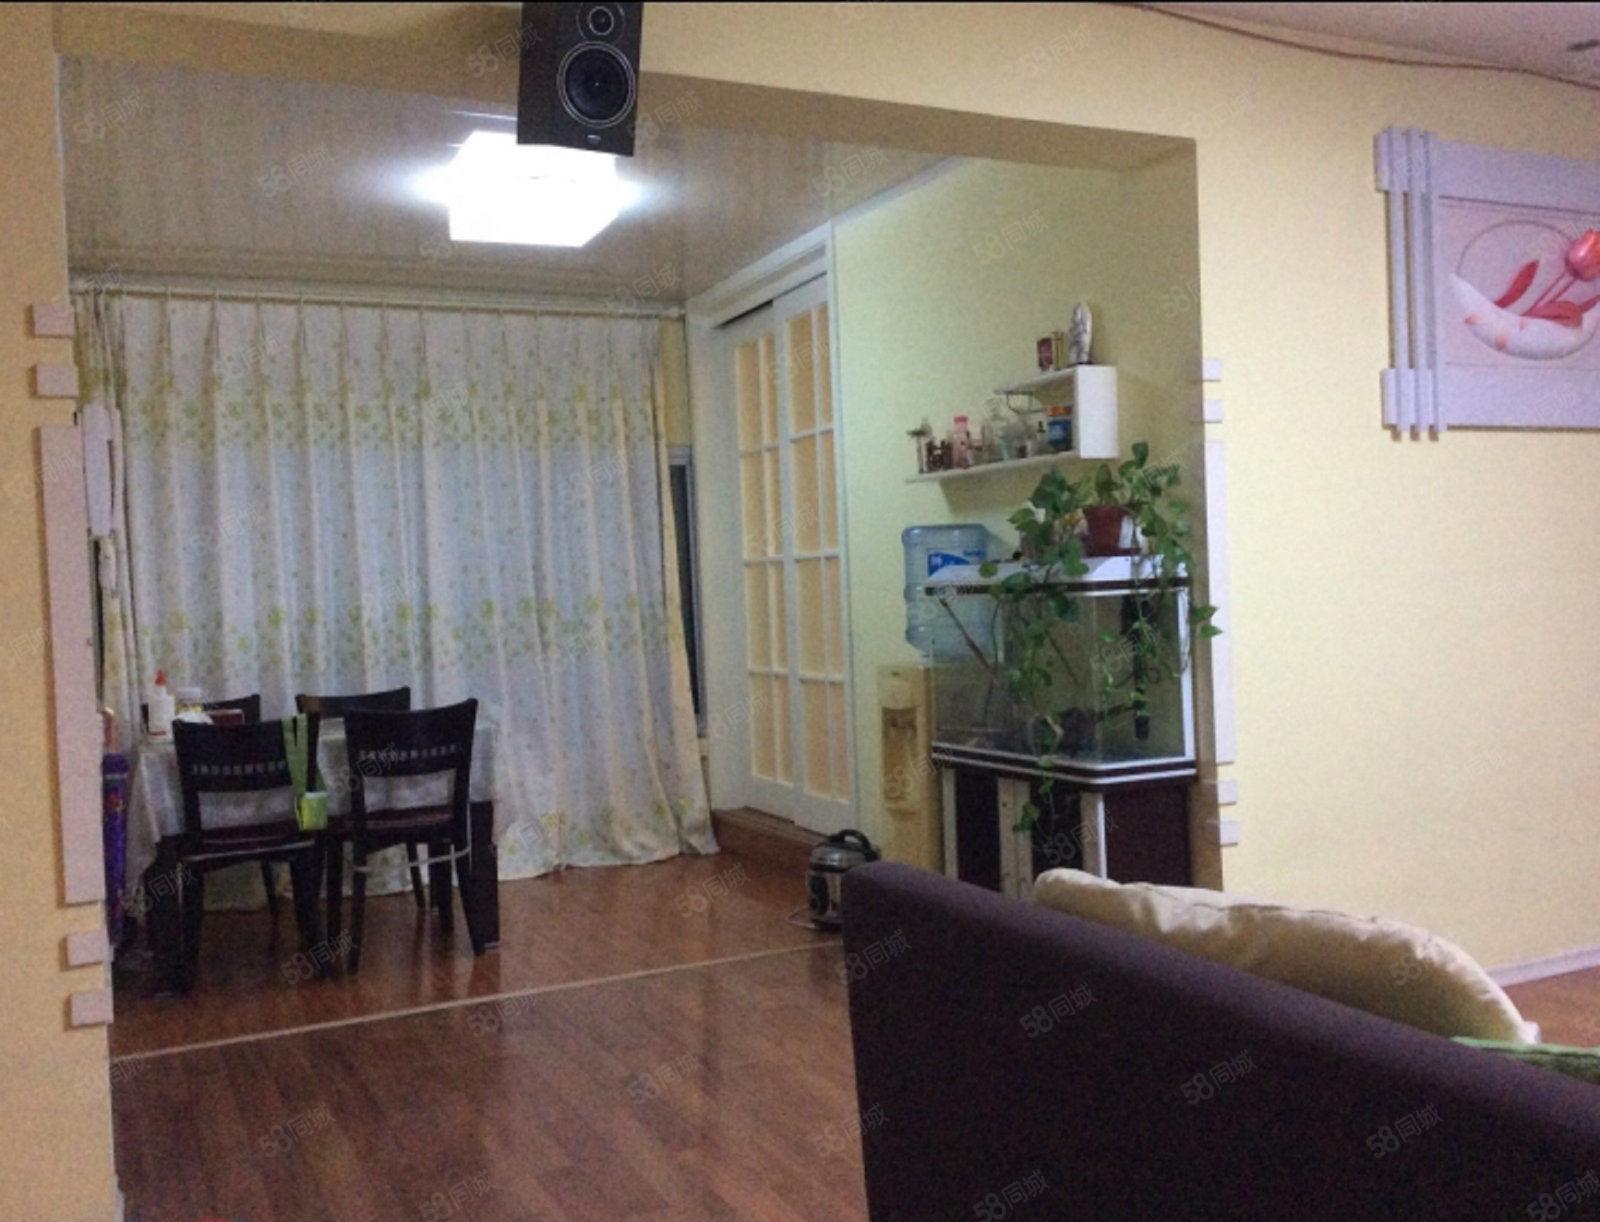 荣盛丽水华庭老证唯一省税可贷款带地下装修好3室2厅2卫